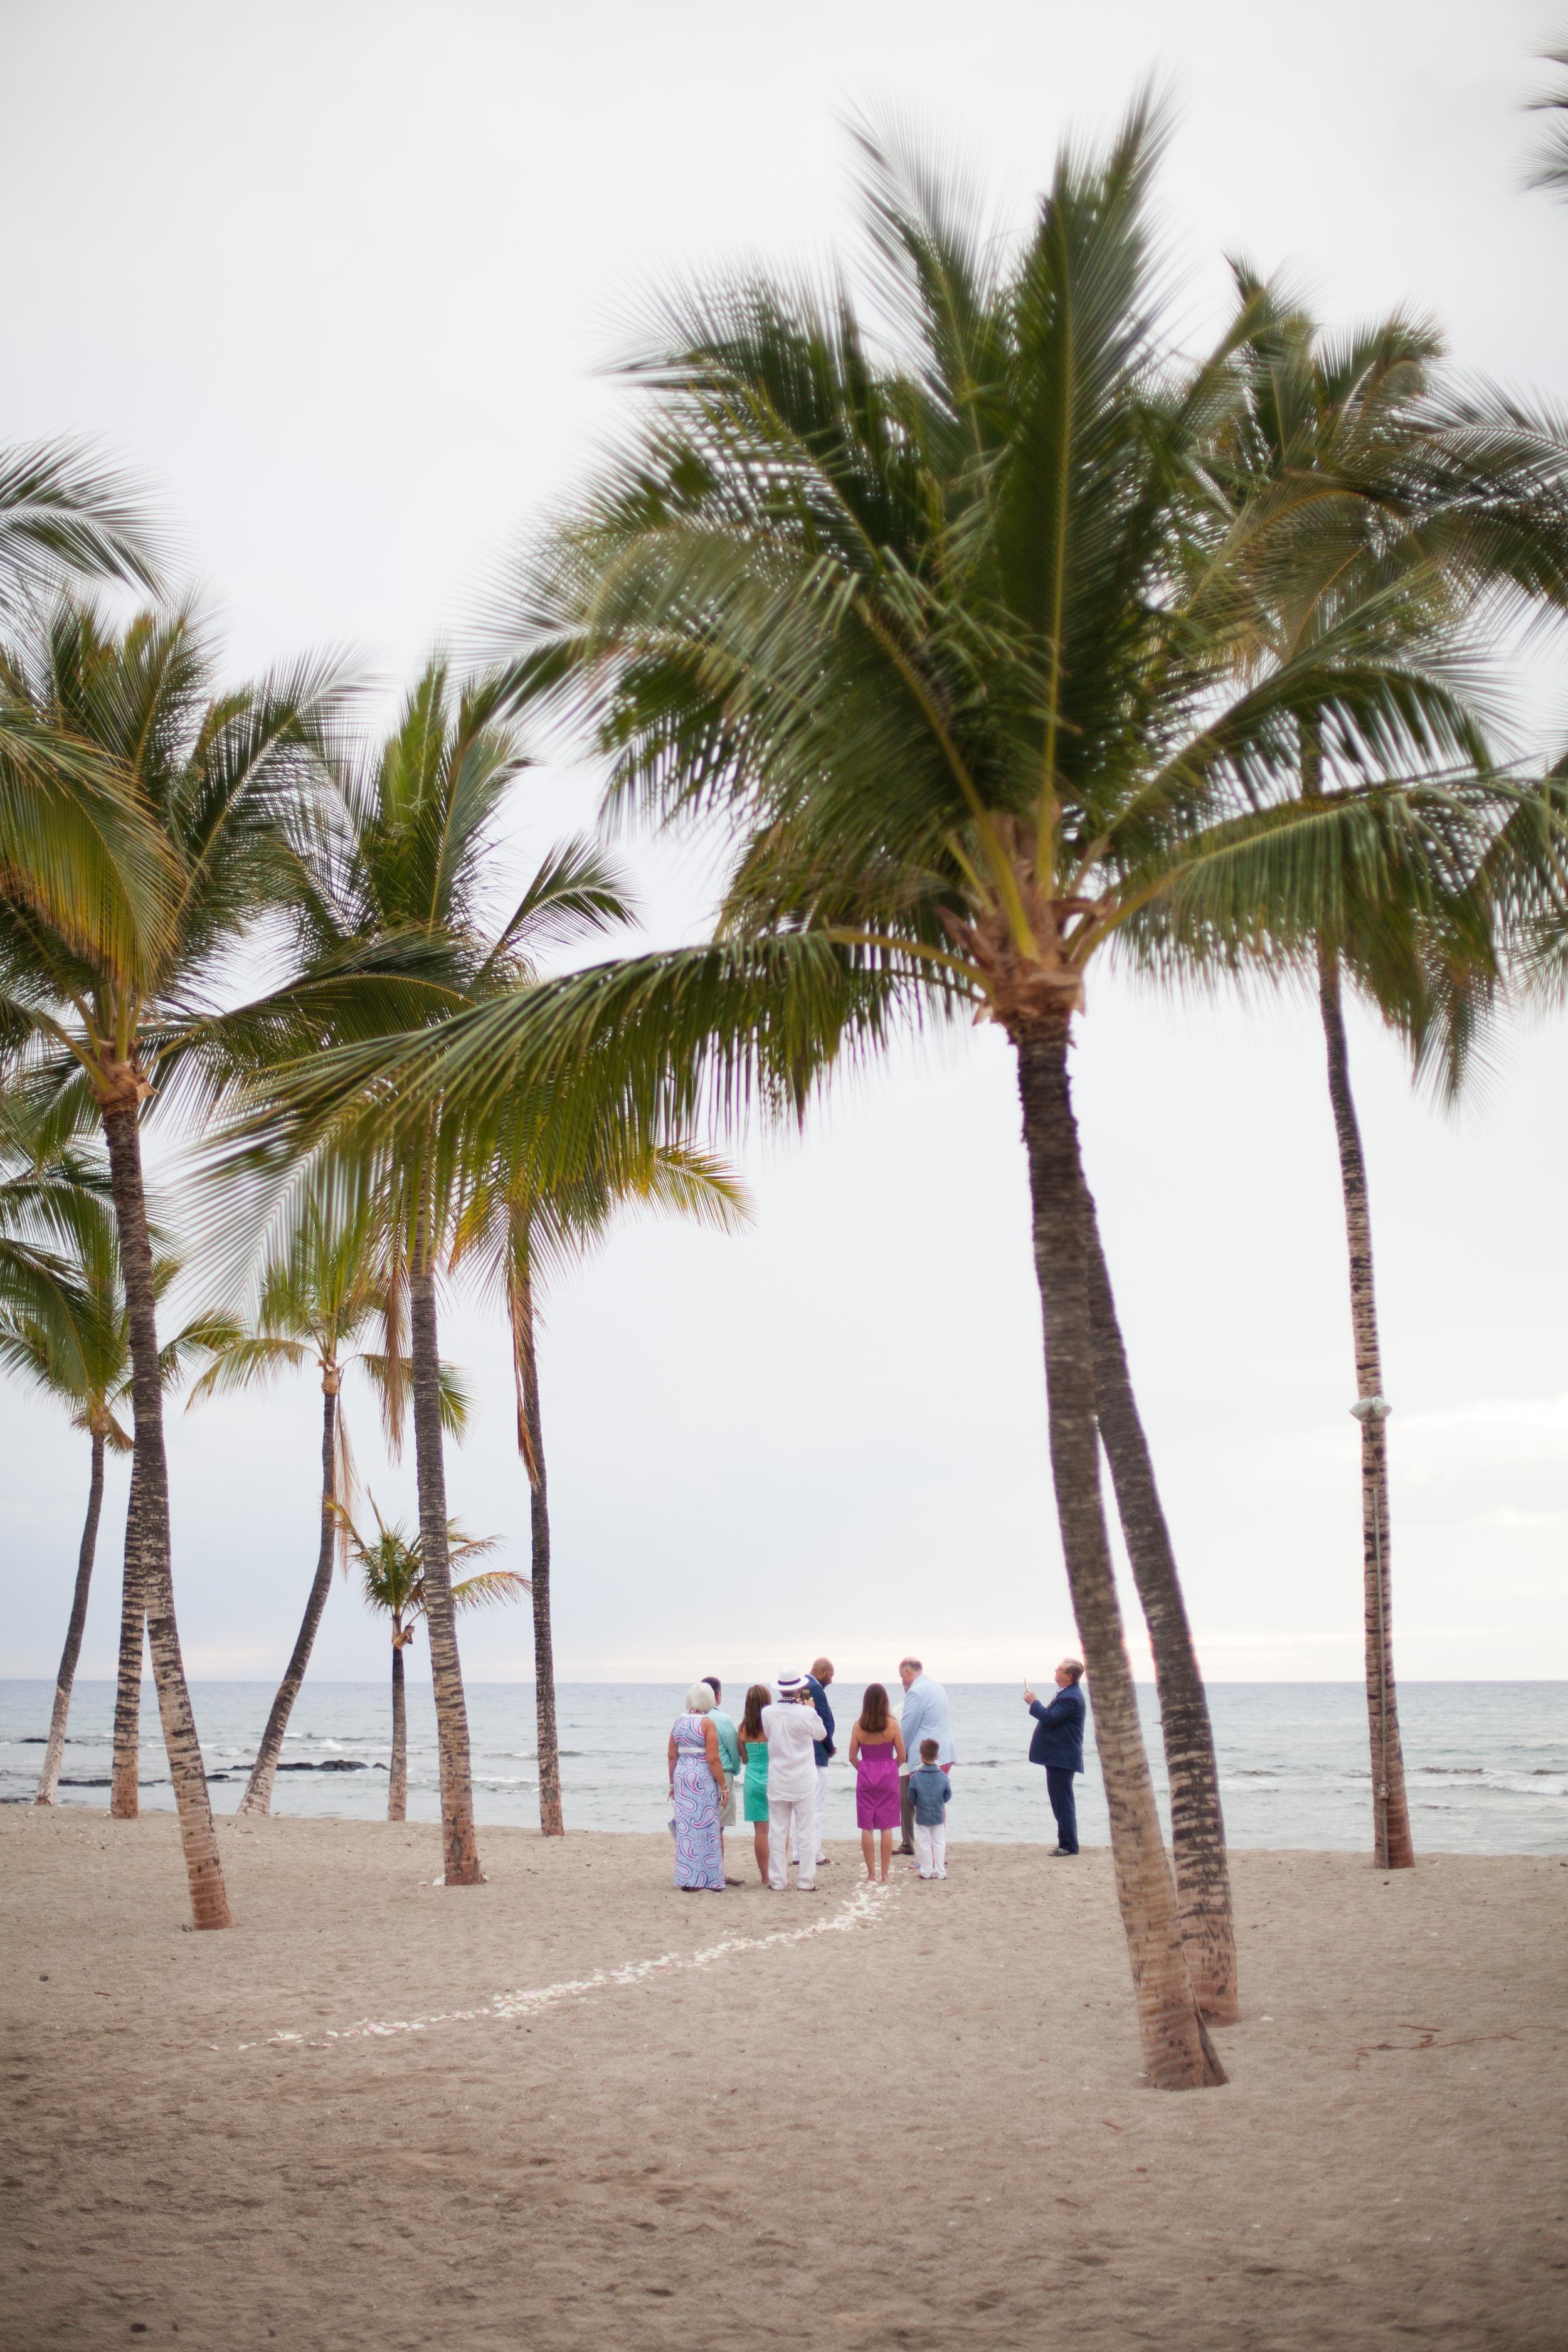 big island hawaii rmauna lani beach wedding © kelilina photography 20160601182132-3.jpg